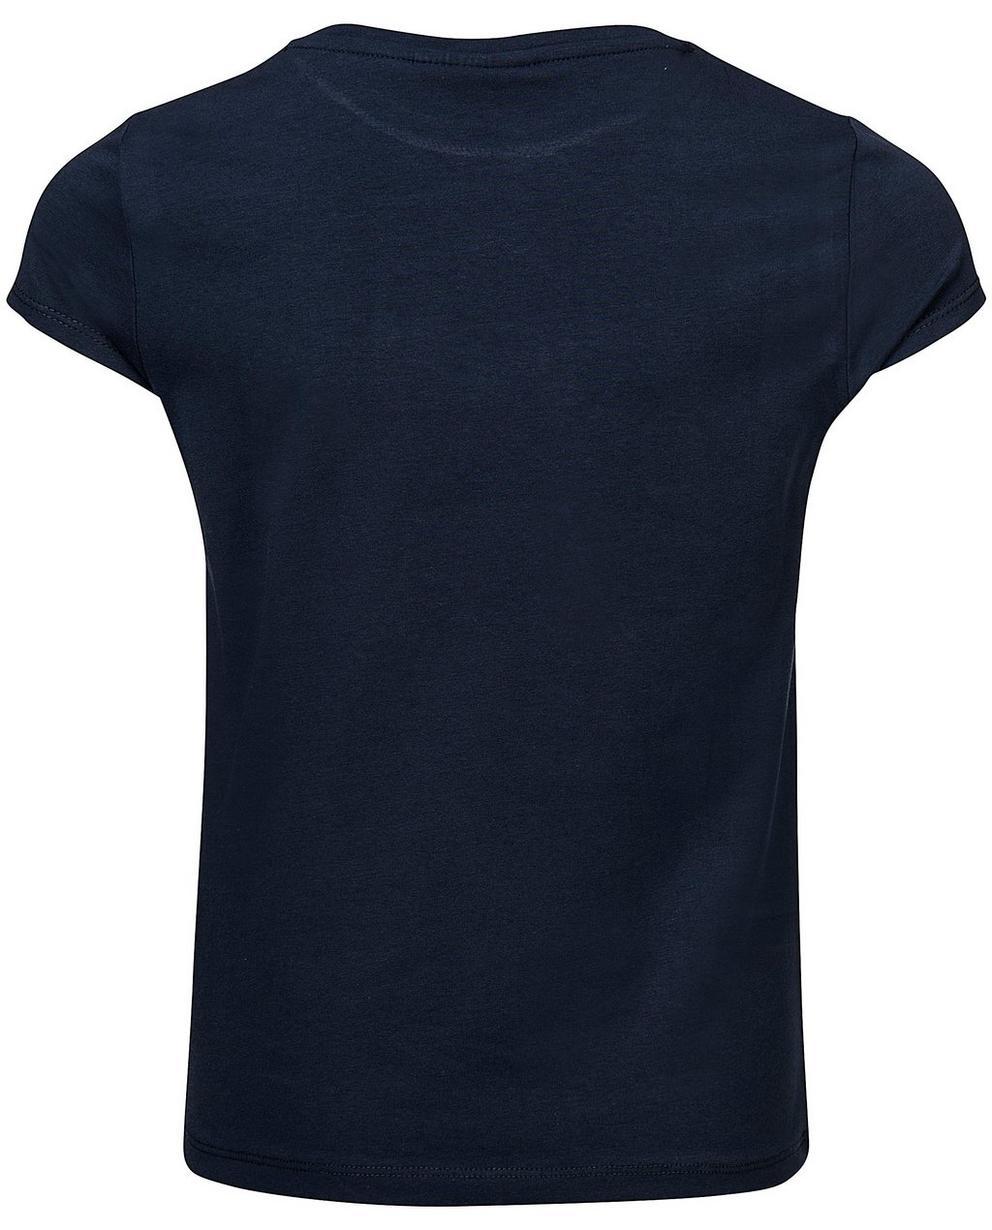 T-Shirts - Navy - T-Shirt mit Pailletten-Schleife